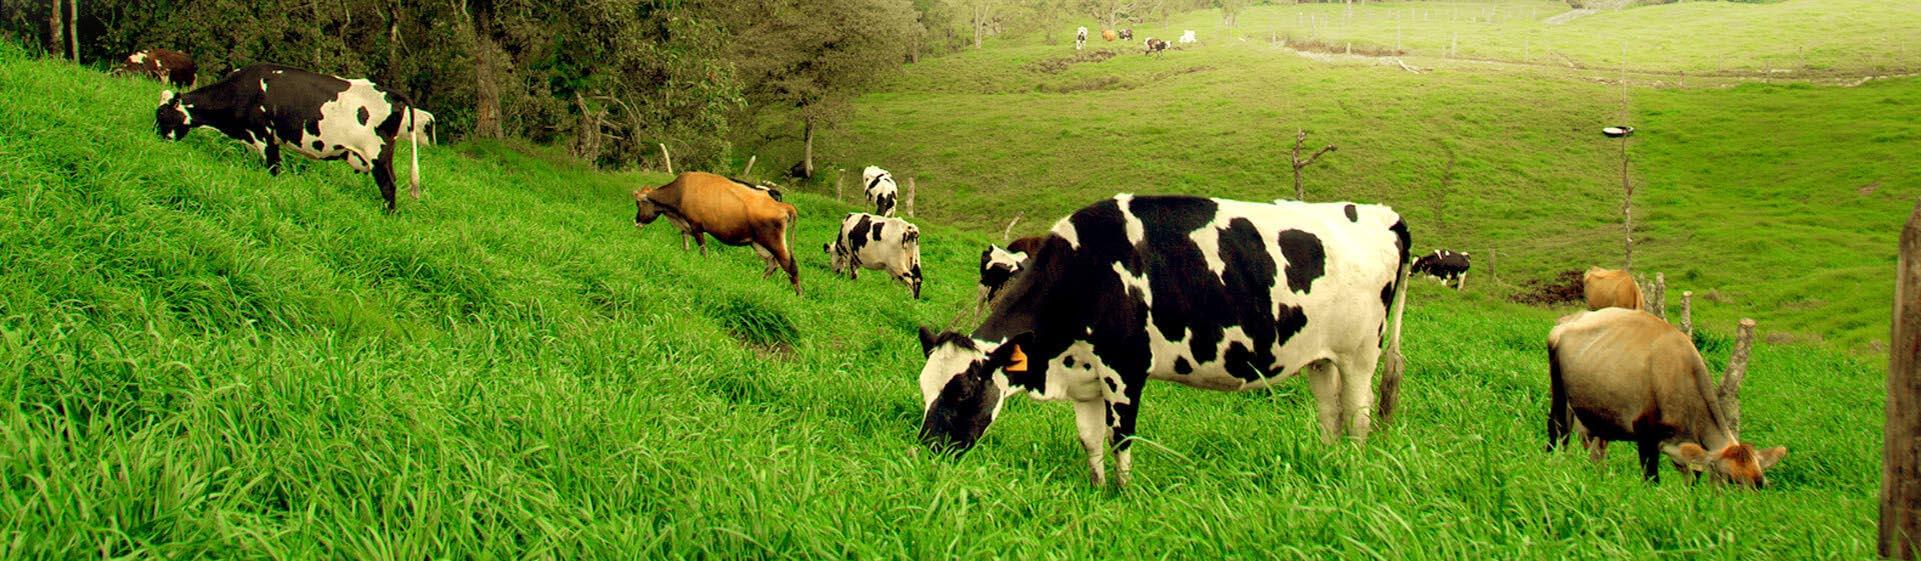 leche colanta leche en colombia comprar leche entera deslactosada descremada